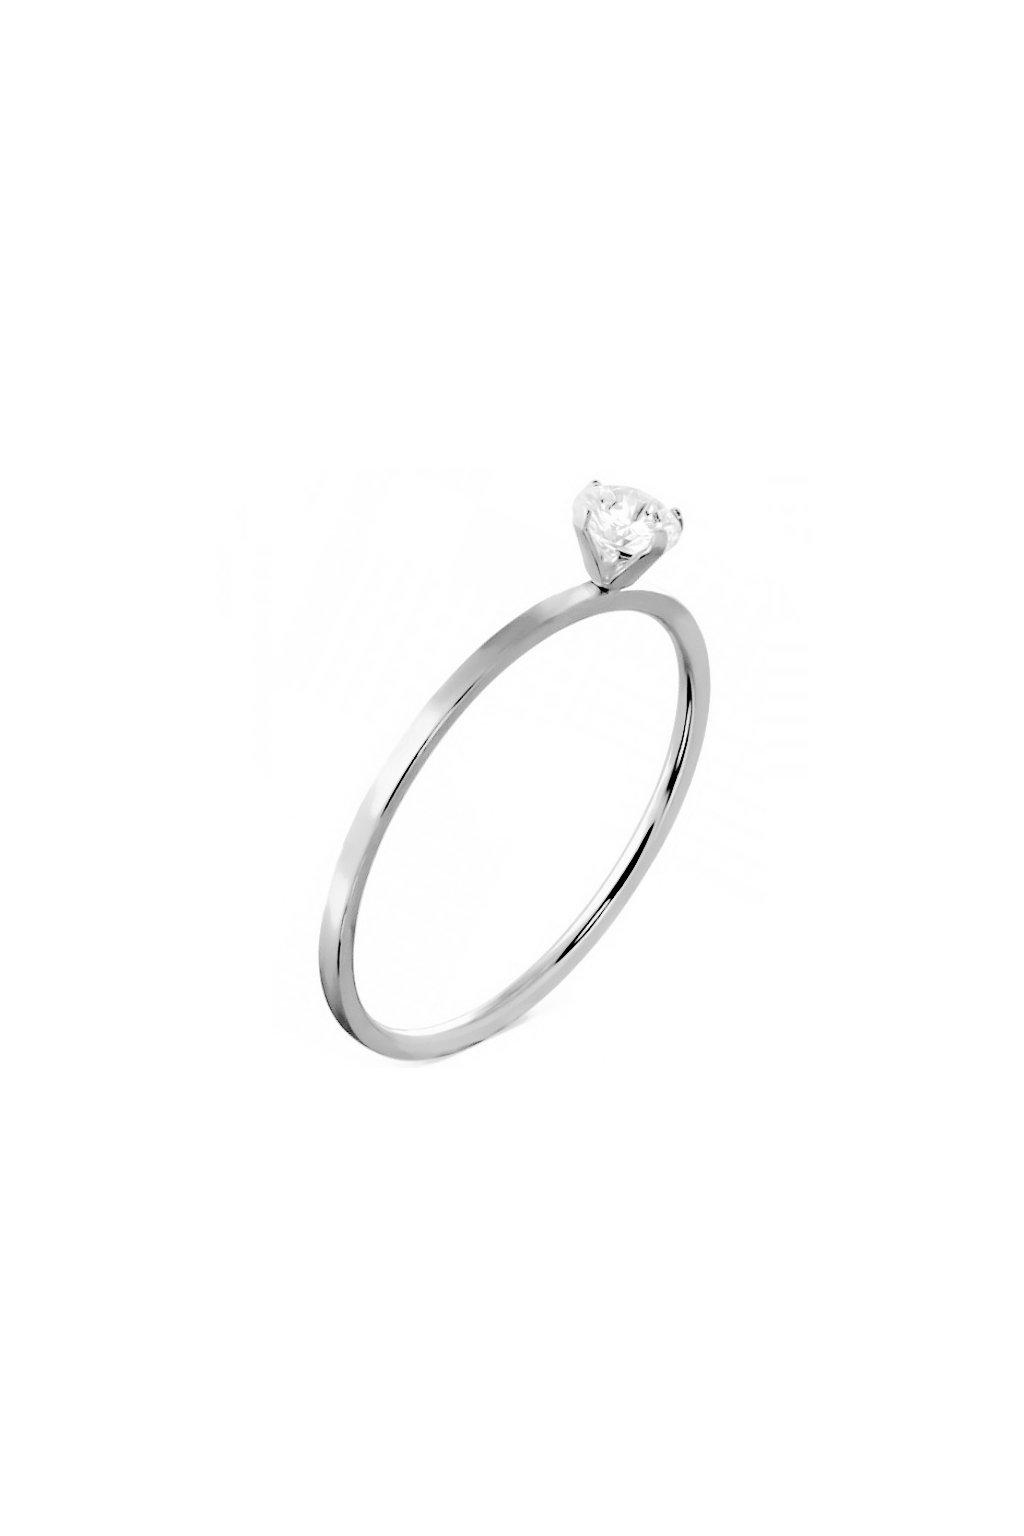 Skalimar Prsten z chirurgické oceli CLASSIC S KULATÝM ZIRKONEM 22989925